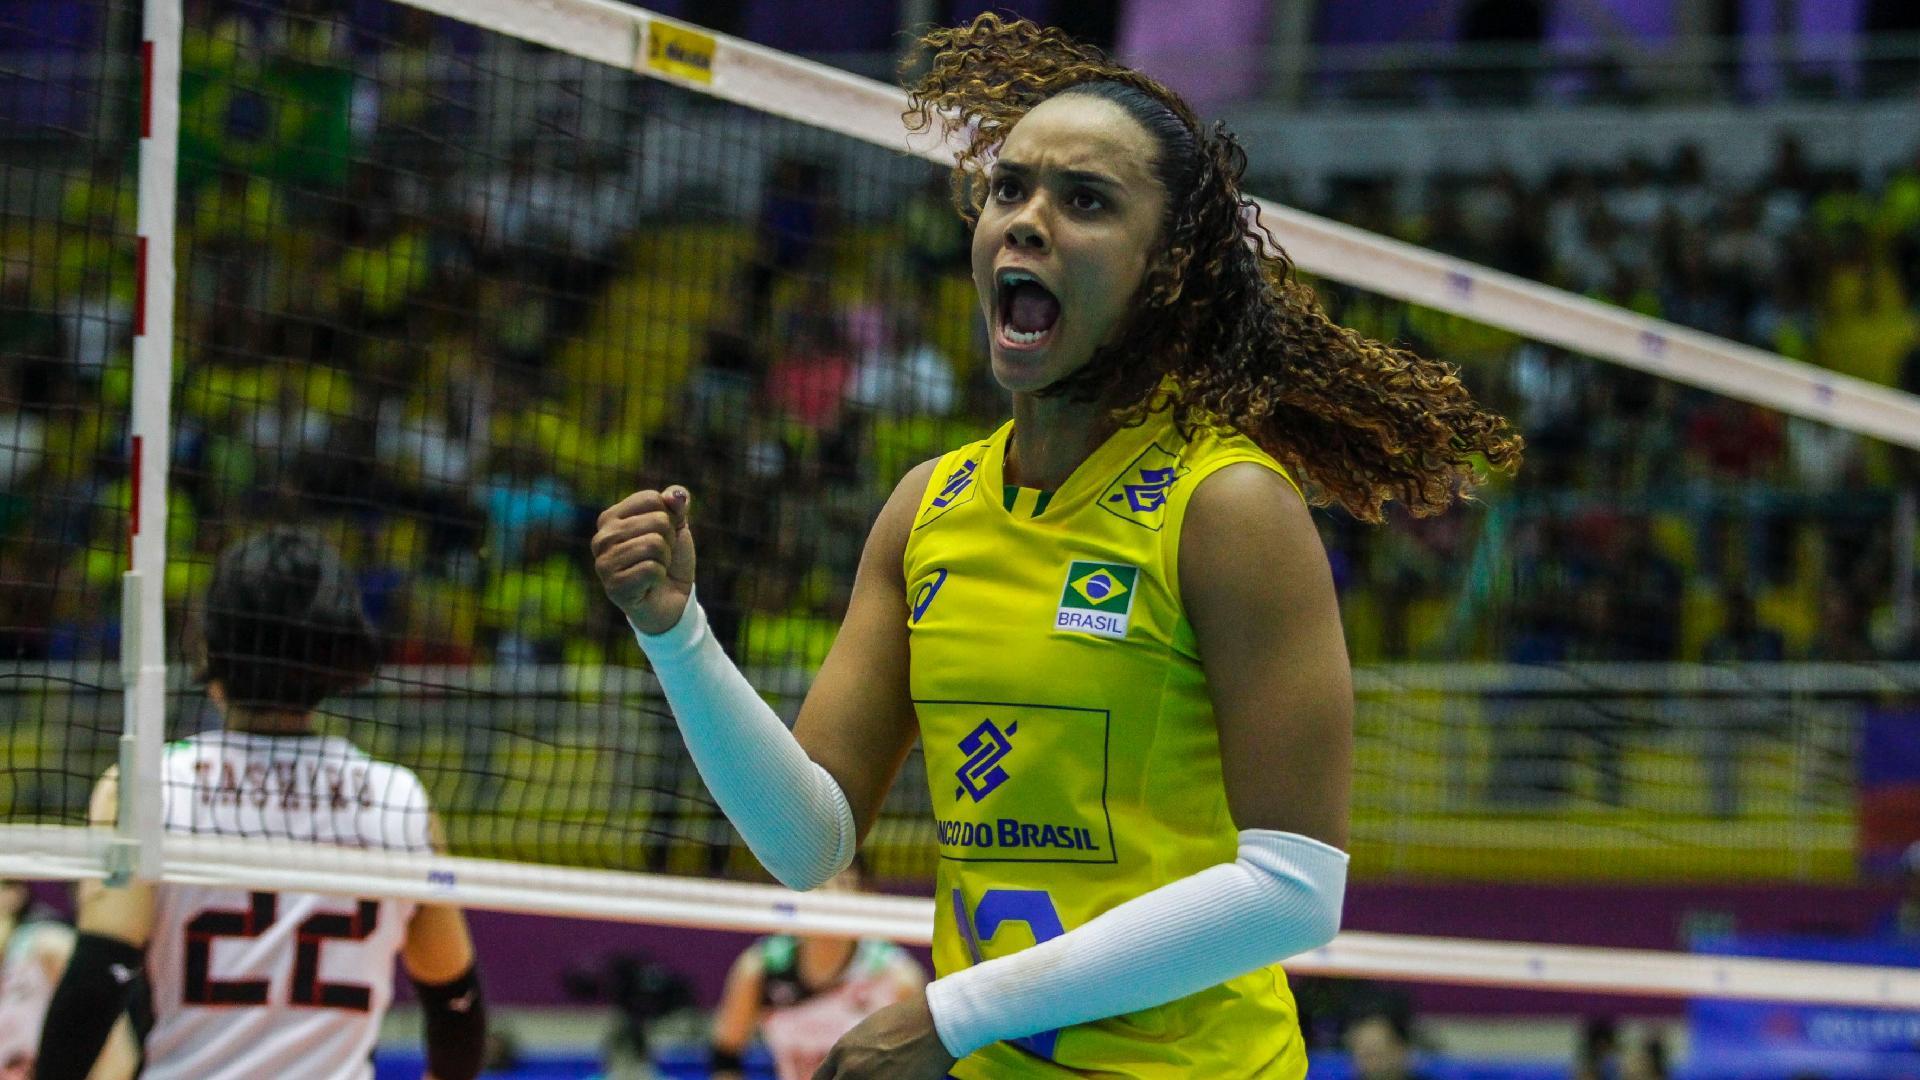 Amanda comemora ponto do Brasil contra o Japão